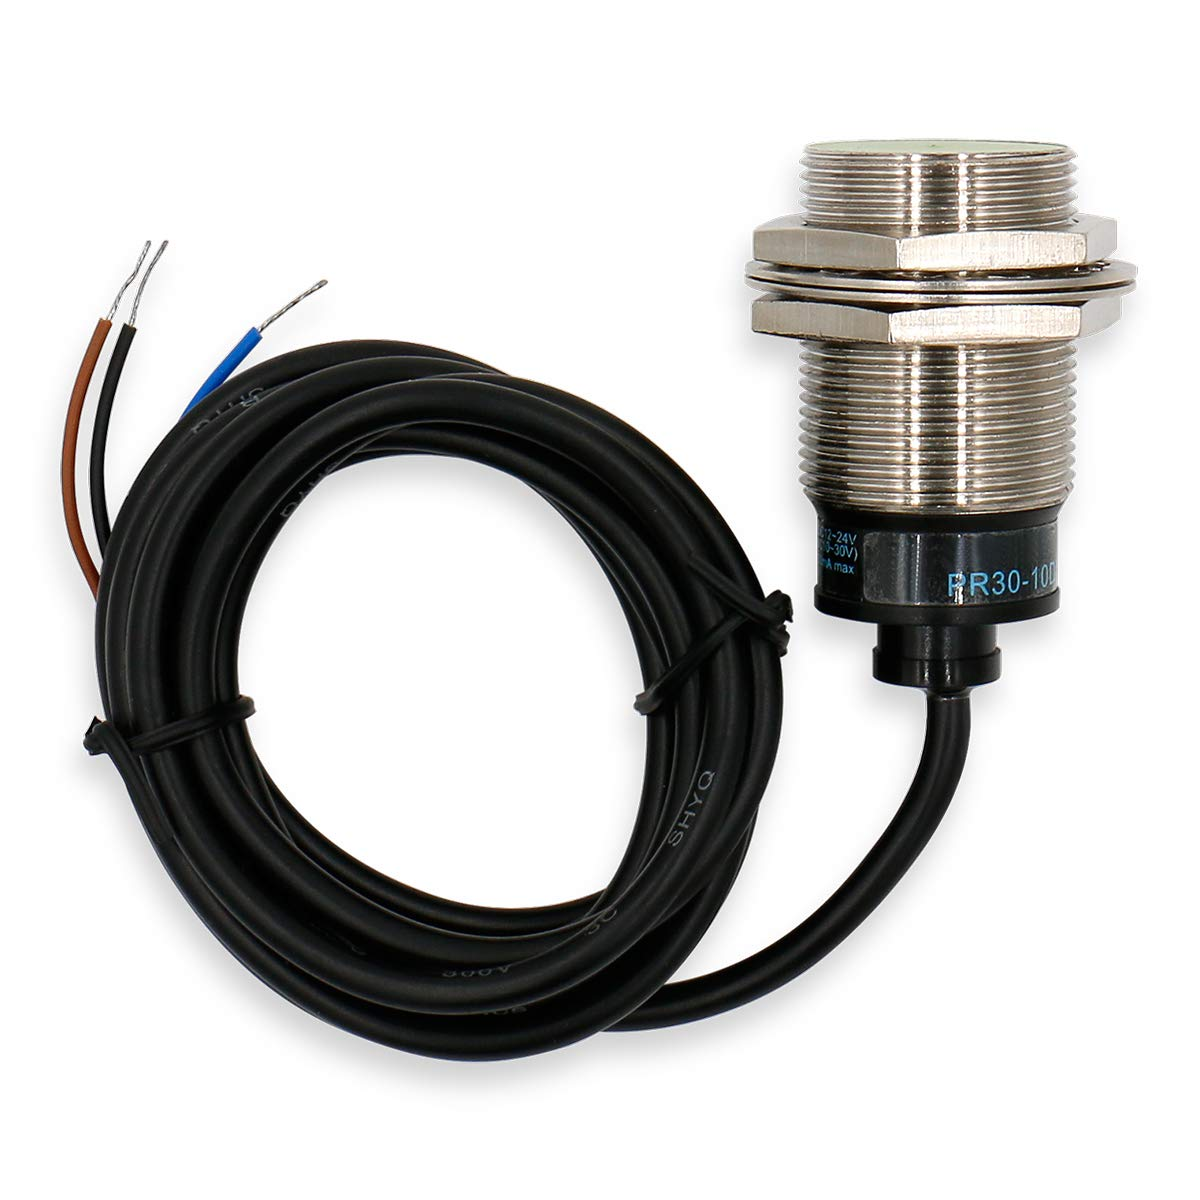 NPN normalerweise offen M30 rund NO Heschen Induktiver N/äherungssensor PR30-10DN zylindrisch 10 mm Sensor CE geschirmt 12-24 VDC 3-Draht